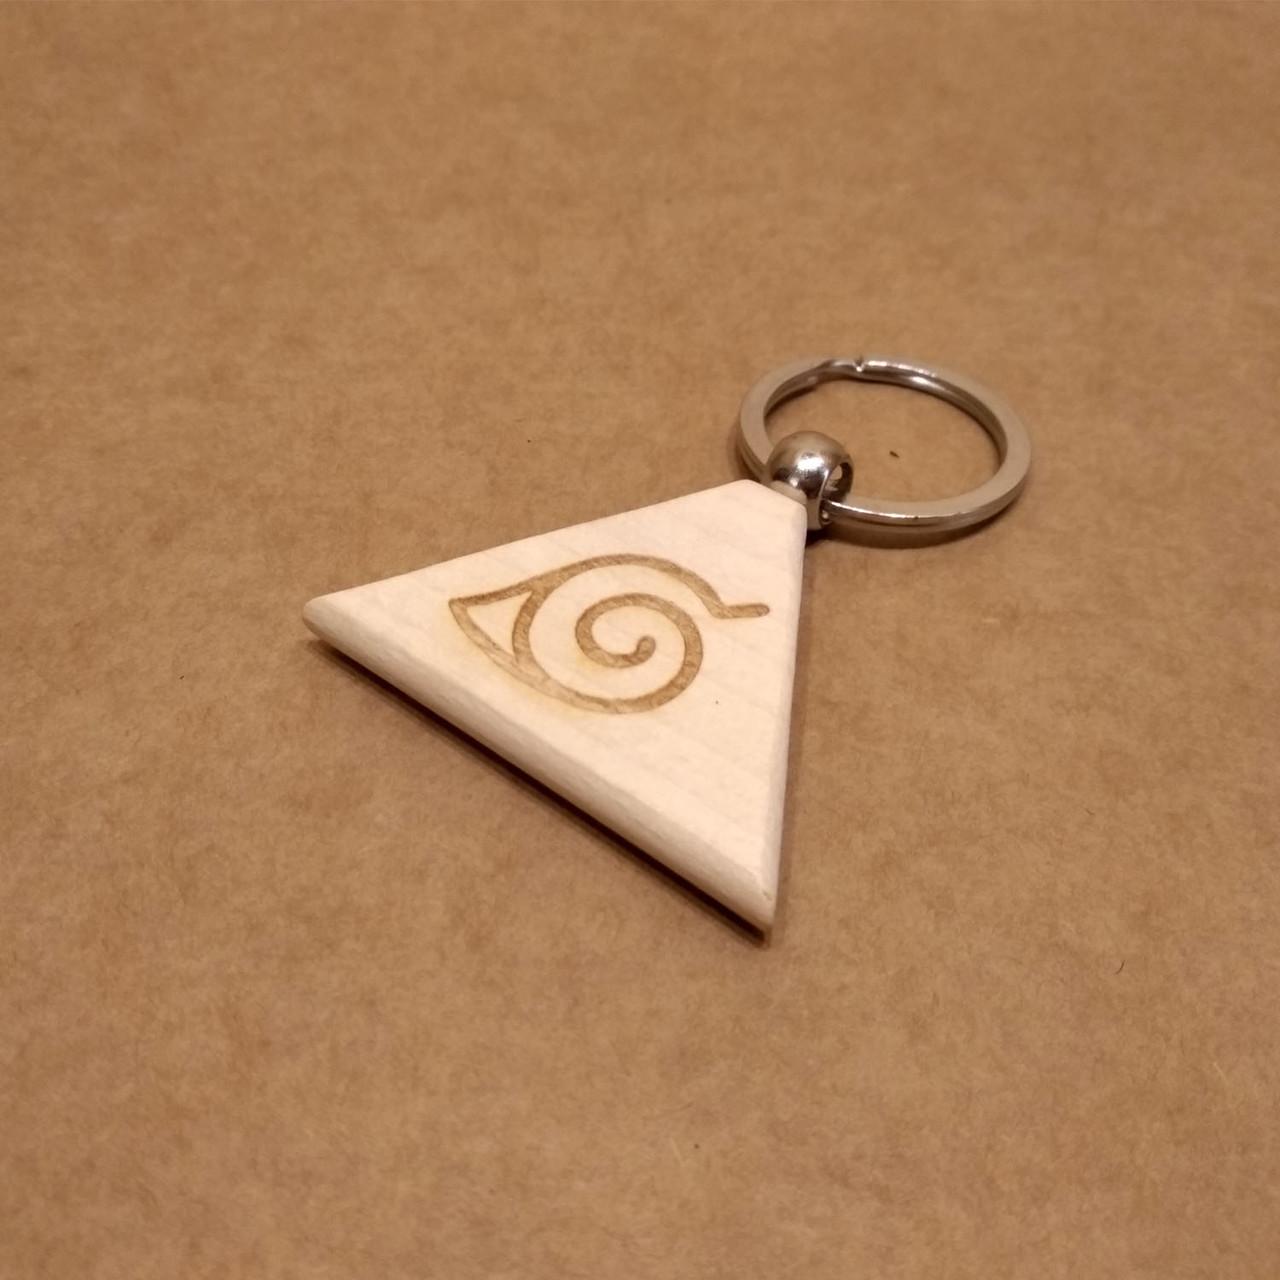 деревянный брелок брелок на ключи оригинальный брелок